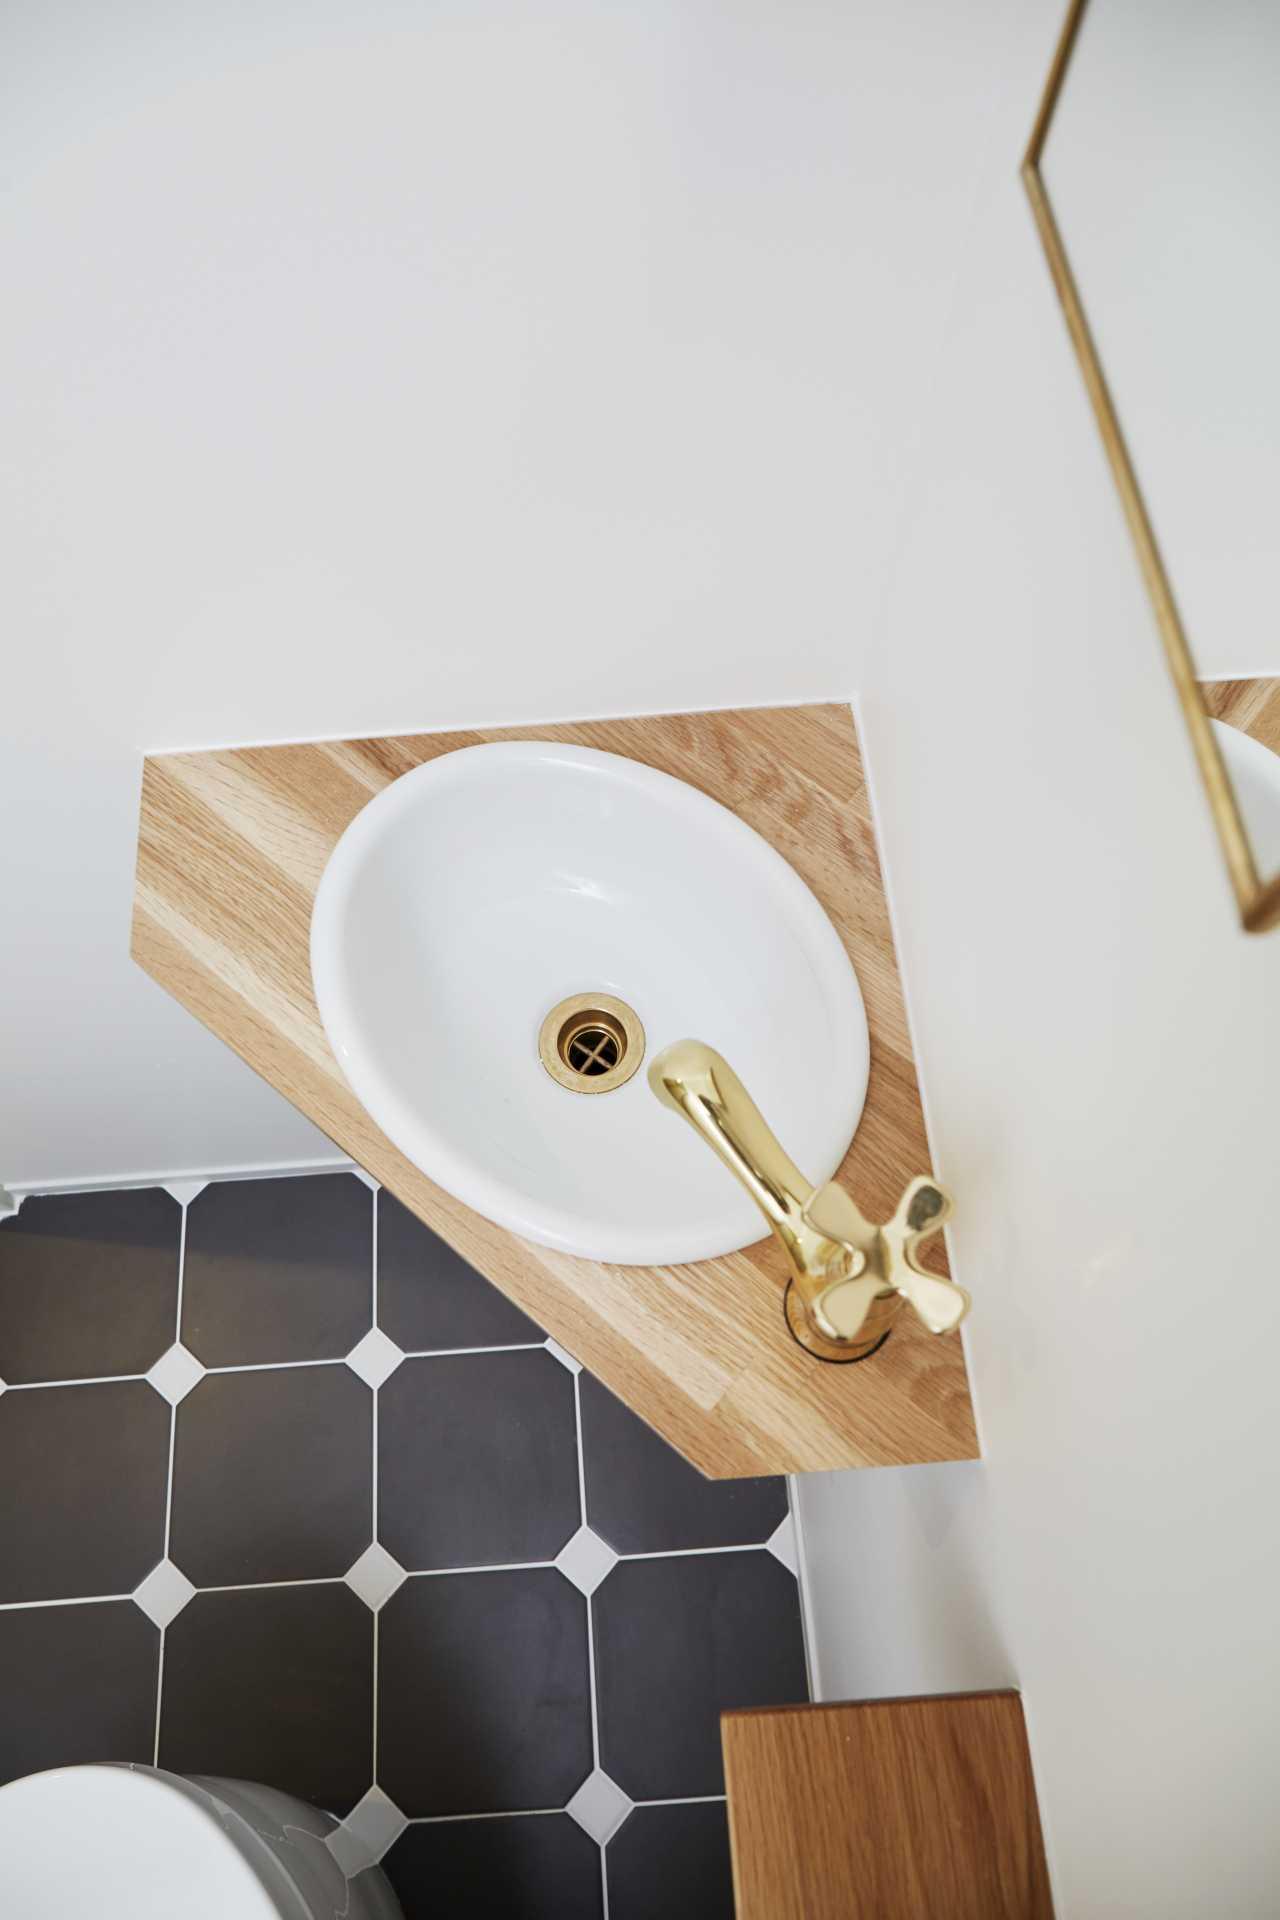 ゴールドの金具で高級感のある洗面台になりました